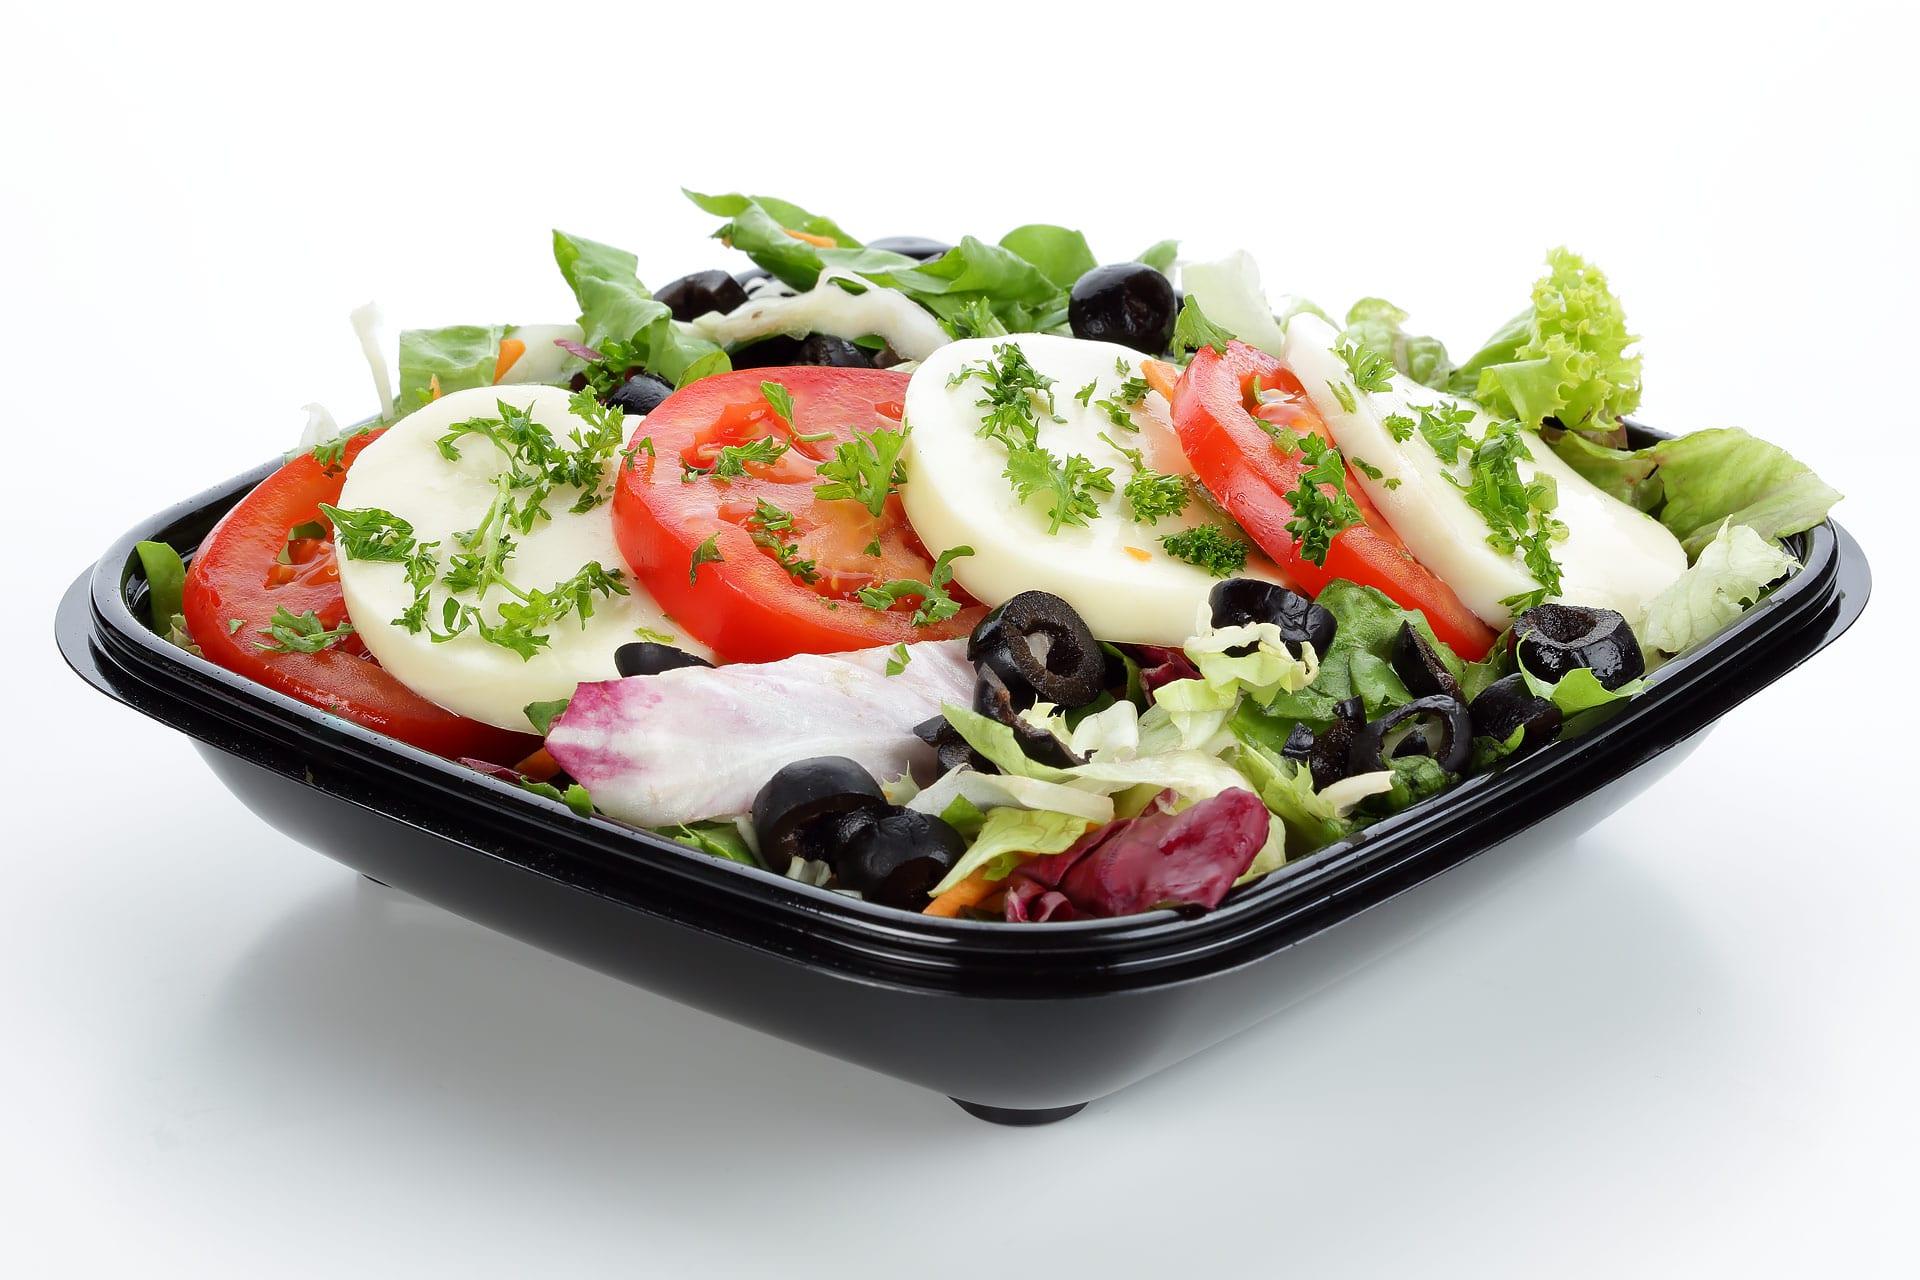 Foodfotografie von italienischem Salat mit Tomate Mozarella